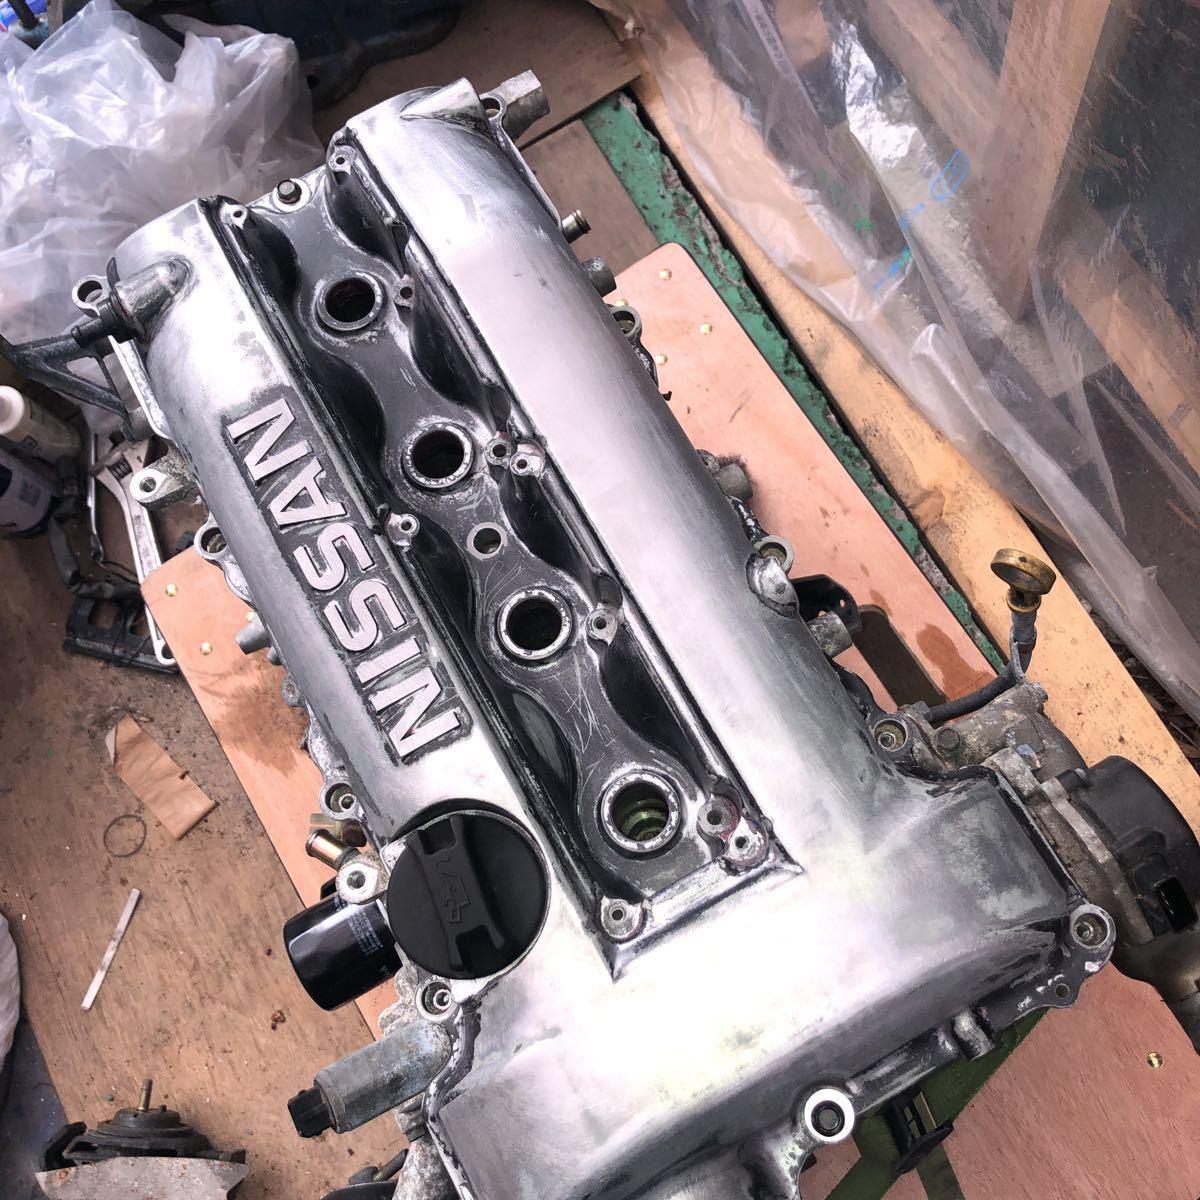 SR20 ターボエンジン S15 ヘッドガスケットメタル 社外カム エンジンのみ シルビア_画像10